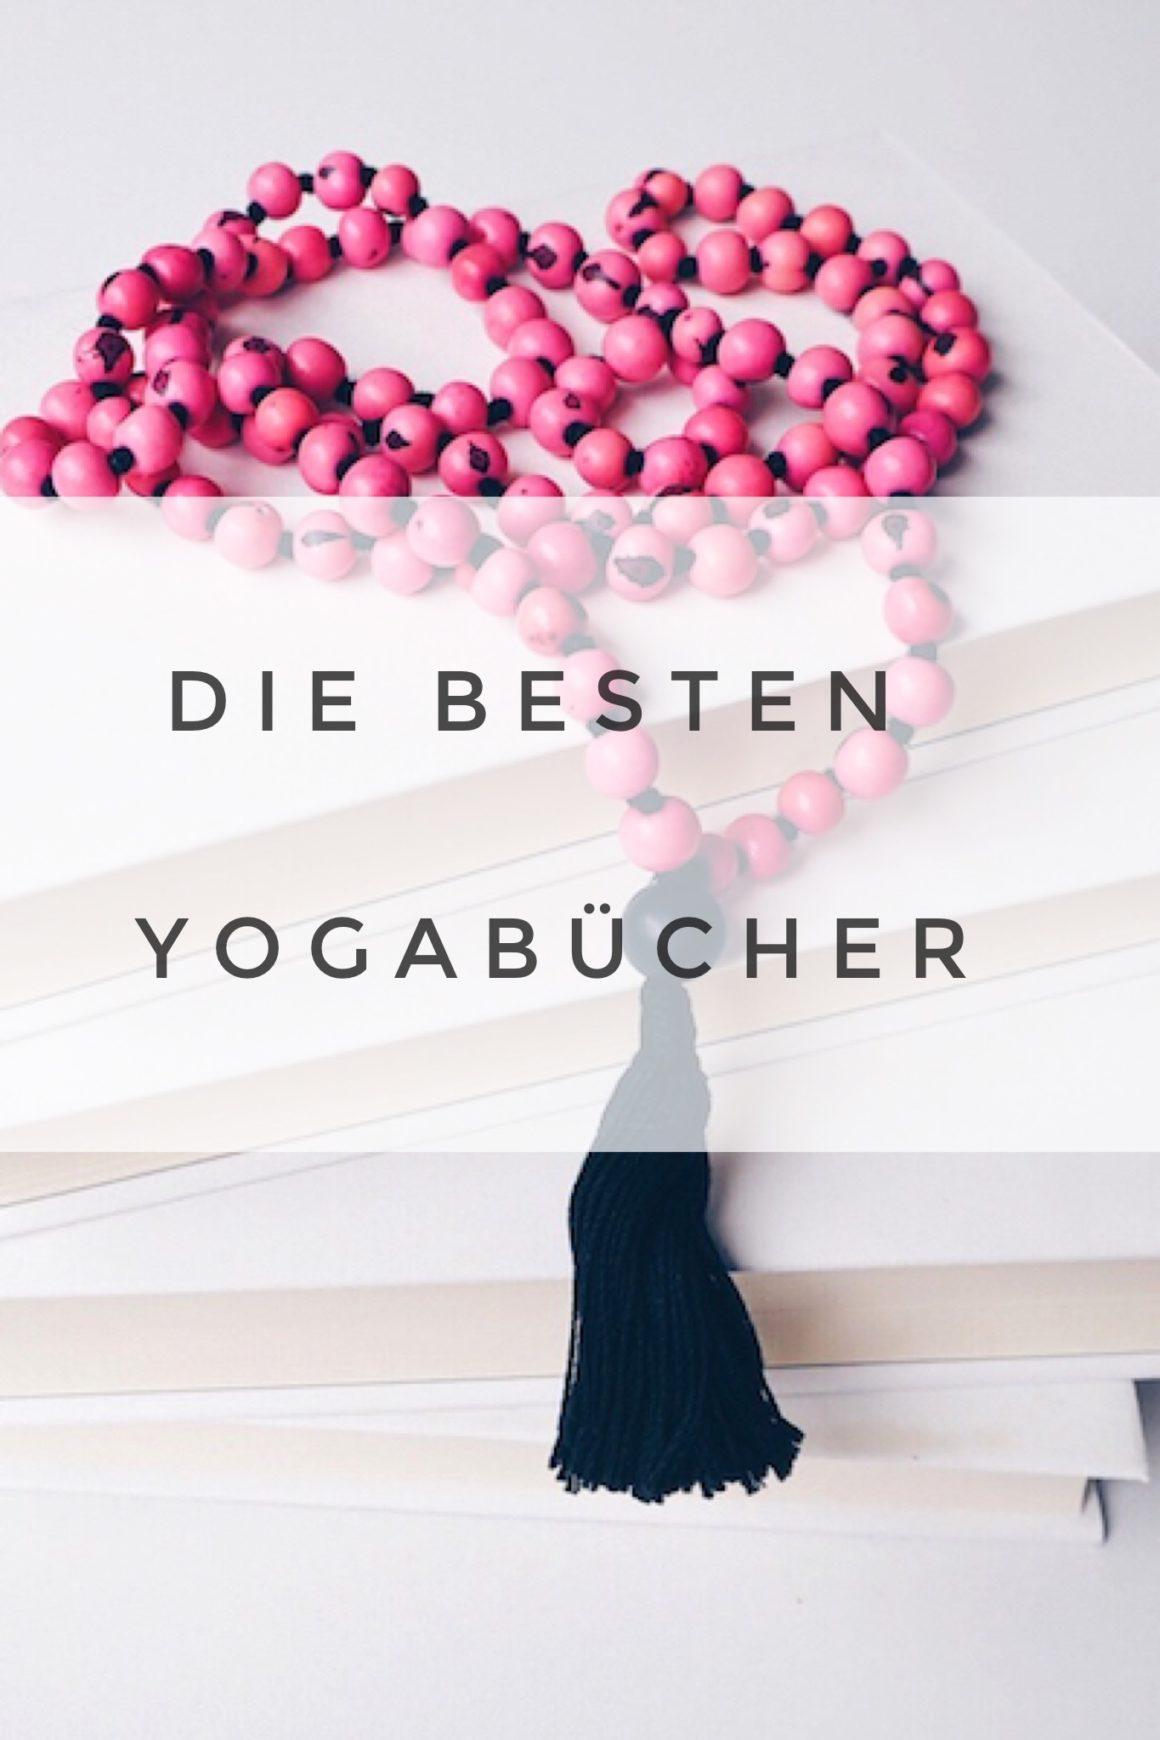 Yogabücher, die du gelesen haben solltest